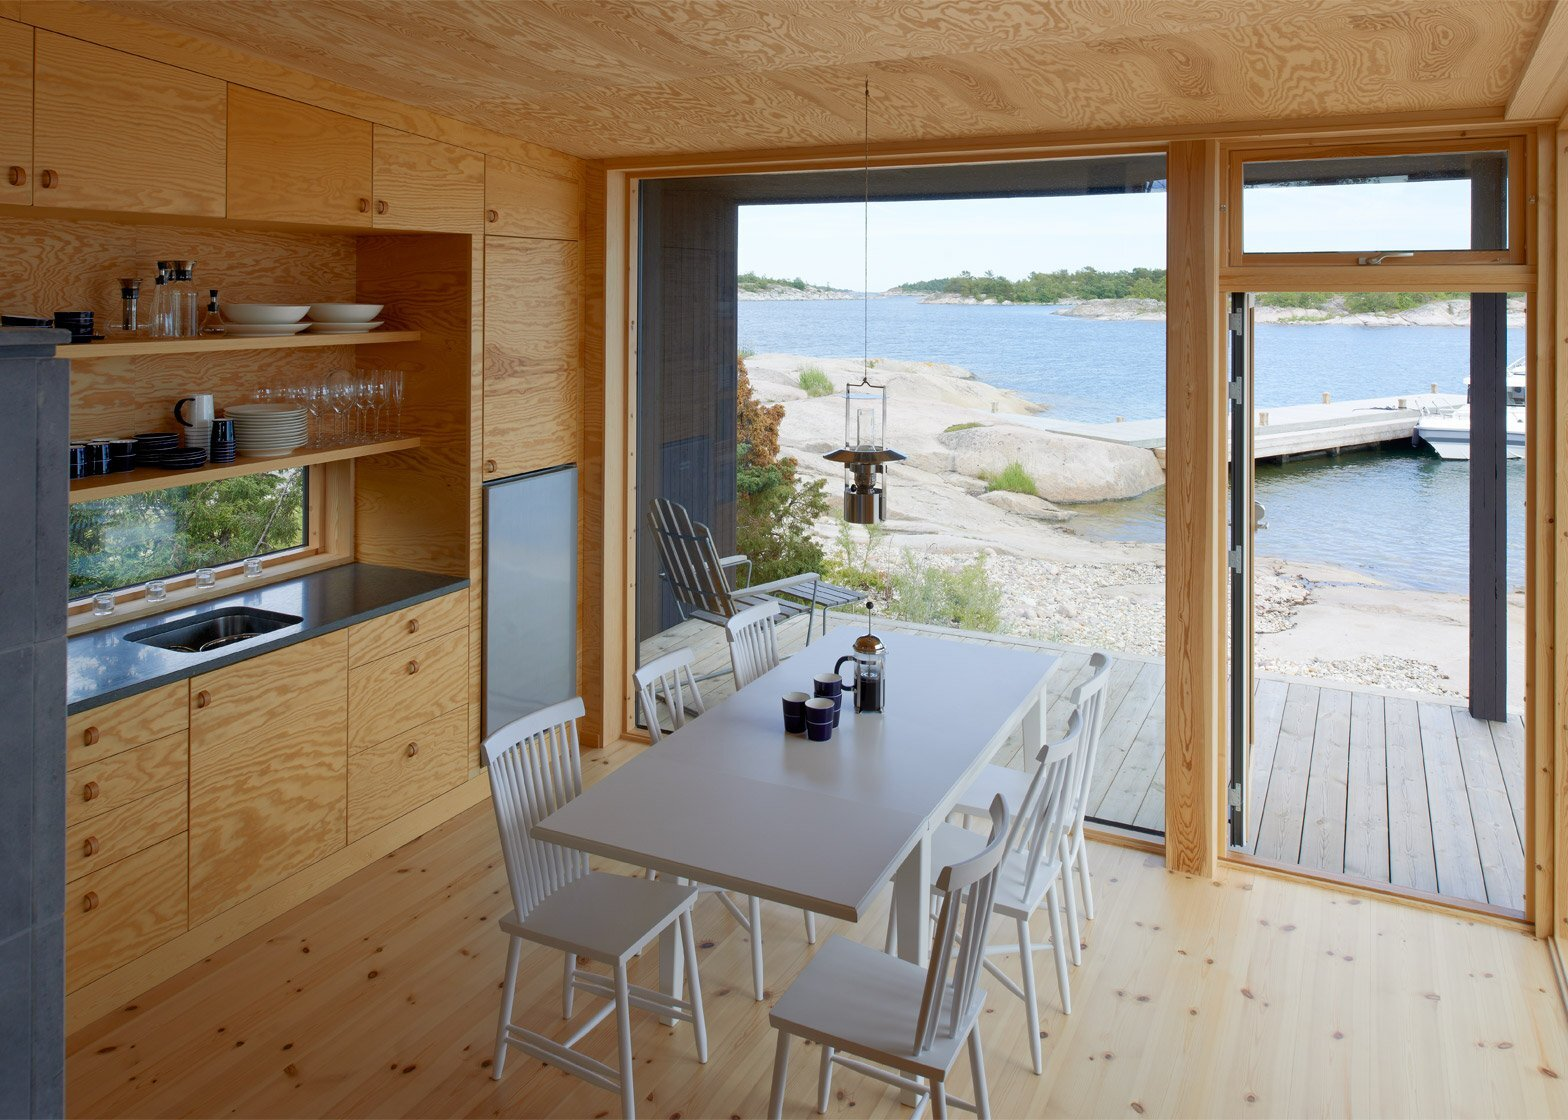 Small Cabins - Margen Wigow Arkitektkontor - Stockholm Archipelago - Kitchen - Humble Homes